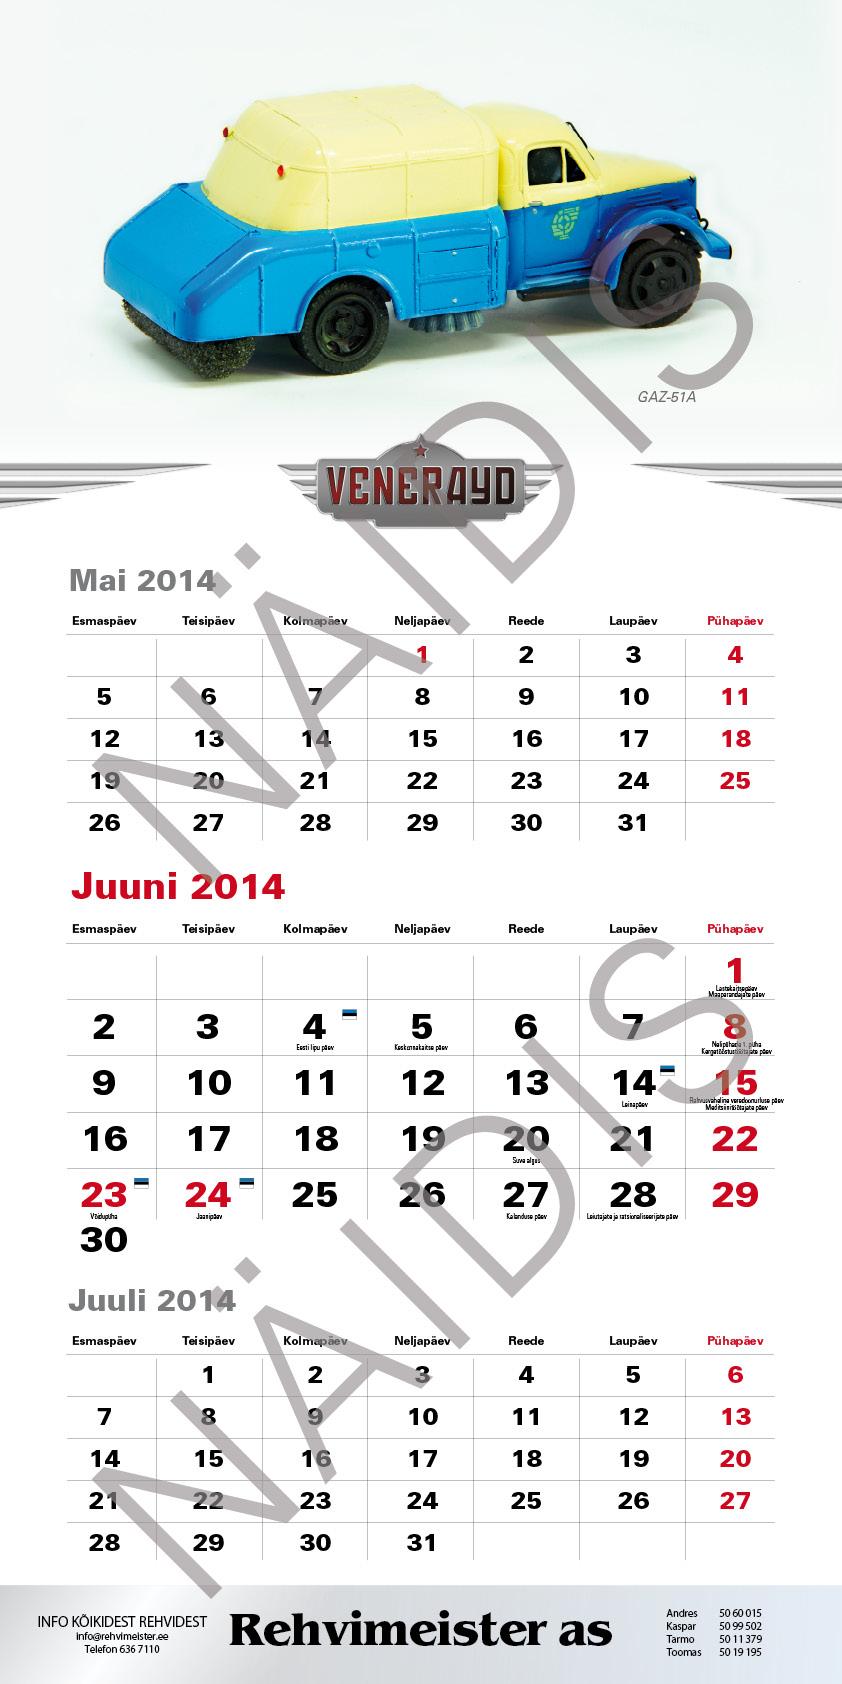 Veneraud_kalender_20147